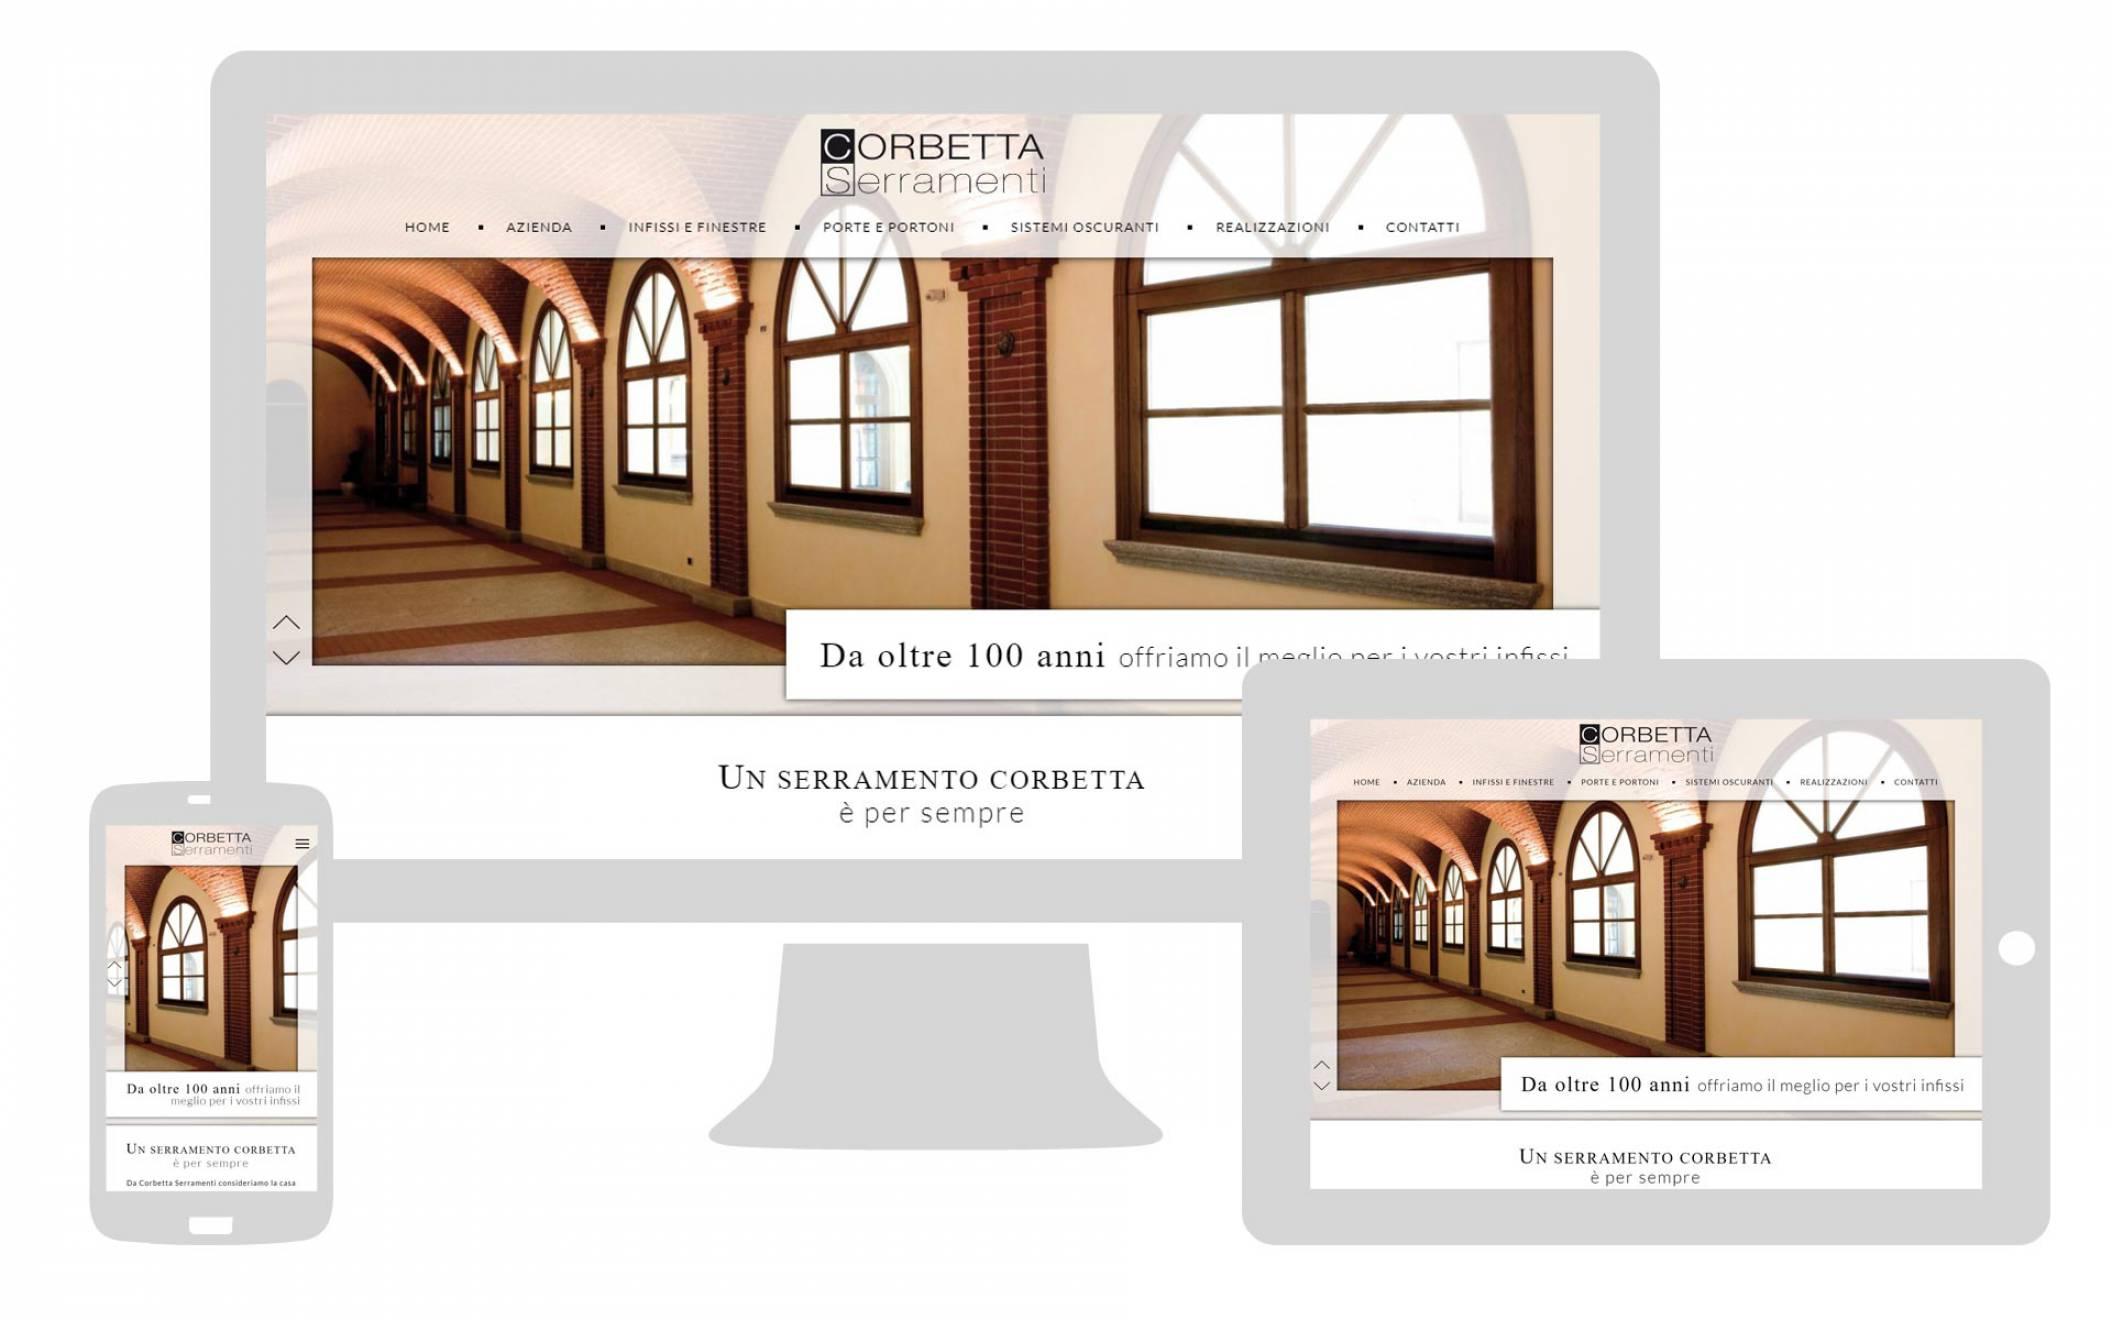 grafica responsive sito internet corbetta serramenti realizzato da newvisibility